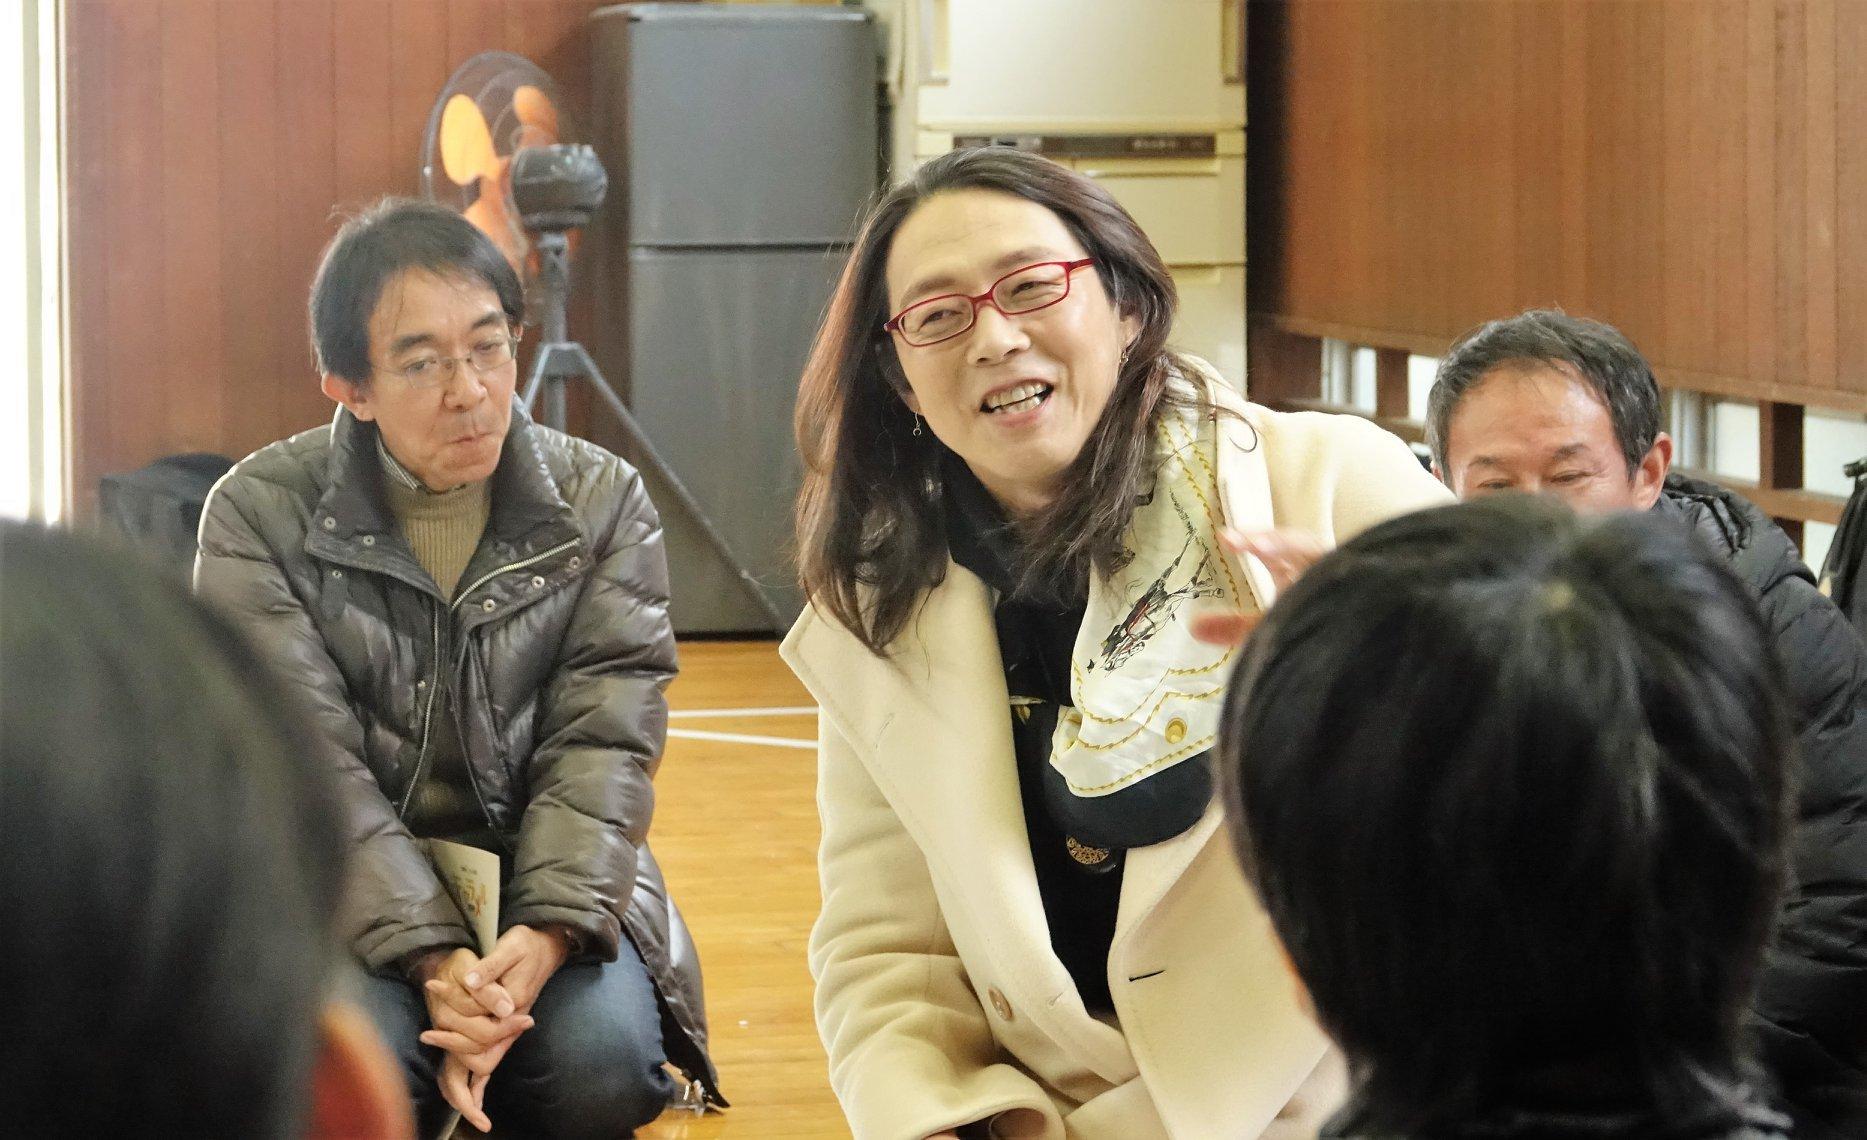 『子どもを守ろう ! 』 ~安冨歩先生が尼崎にやってきた~_a0020162_22551375.jpg